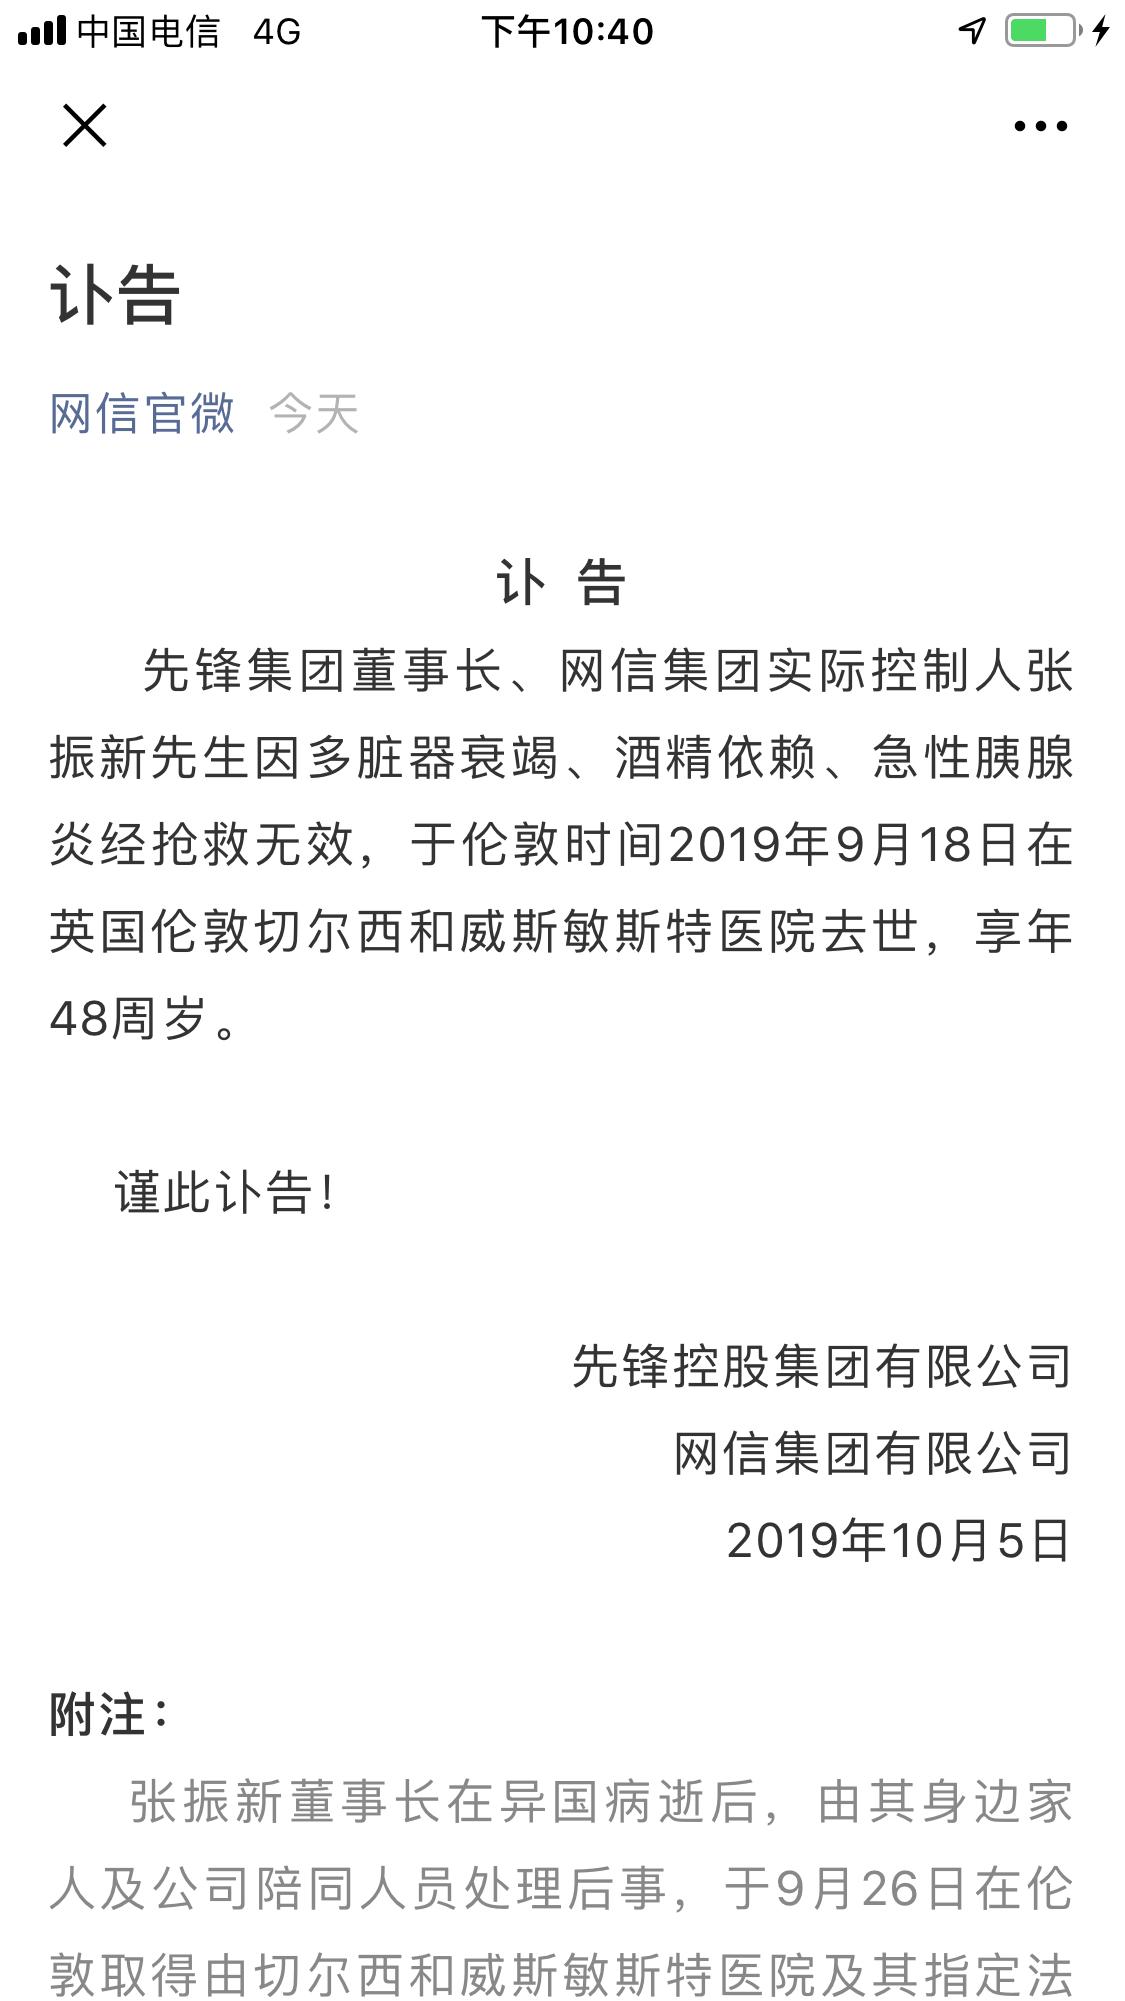 网信集团发布公告:实控人张振新已于9月18日病逝